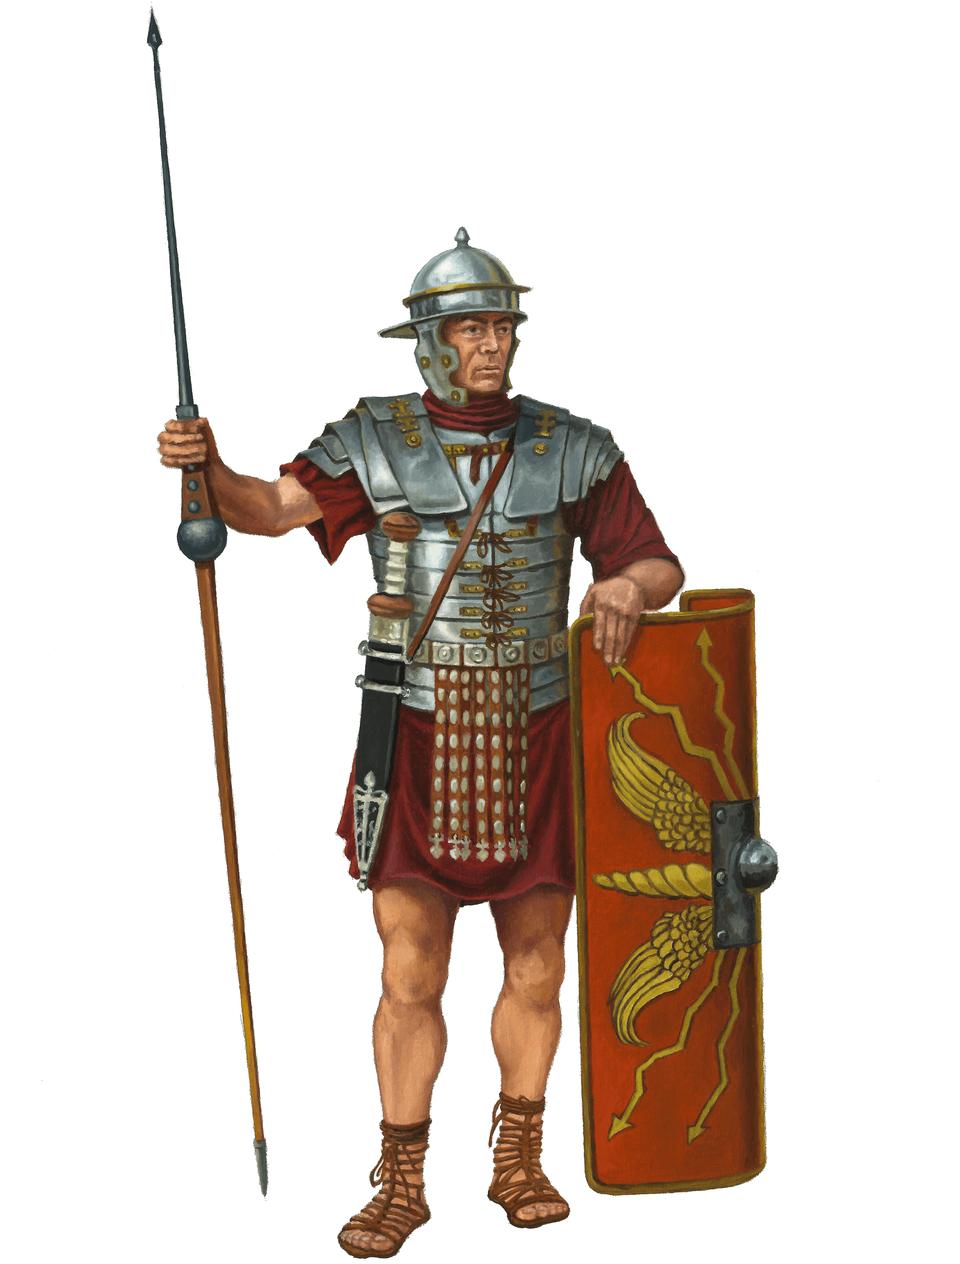 Rzymski legionista Rzymski legionista Źródło: Contentplus.pl sp. zo.o., Dariusz Bufnal, licencja: CC BY 3.0.